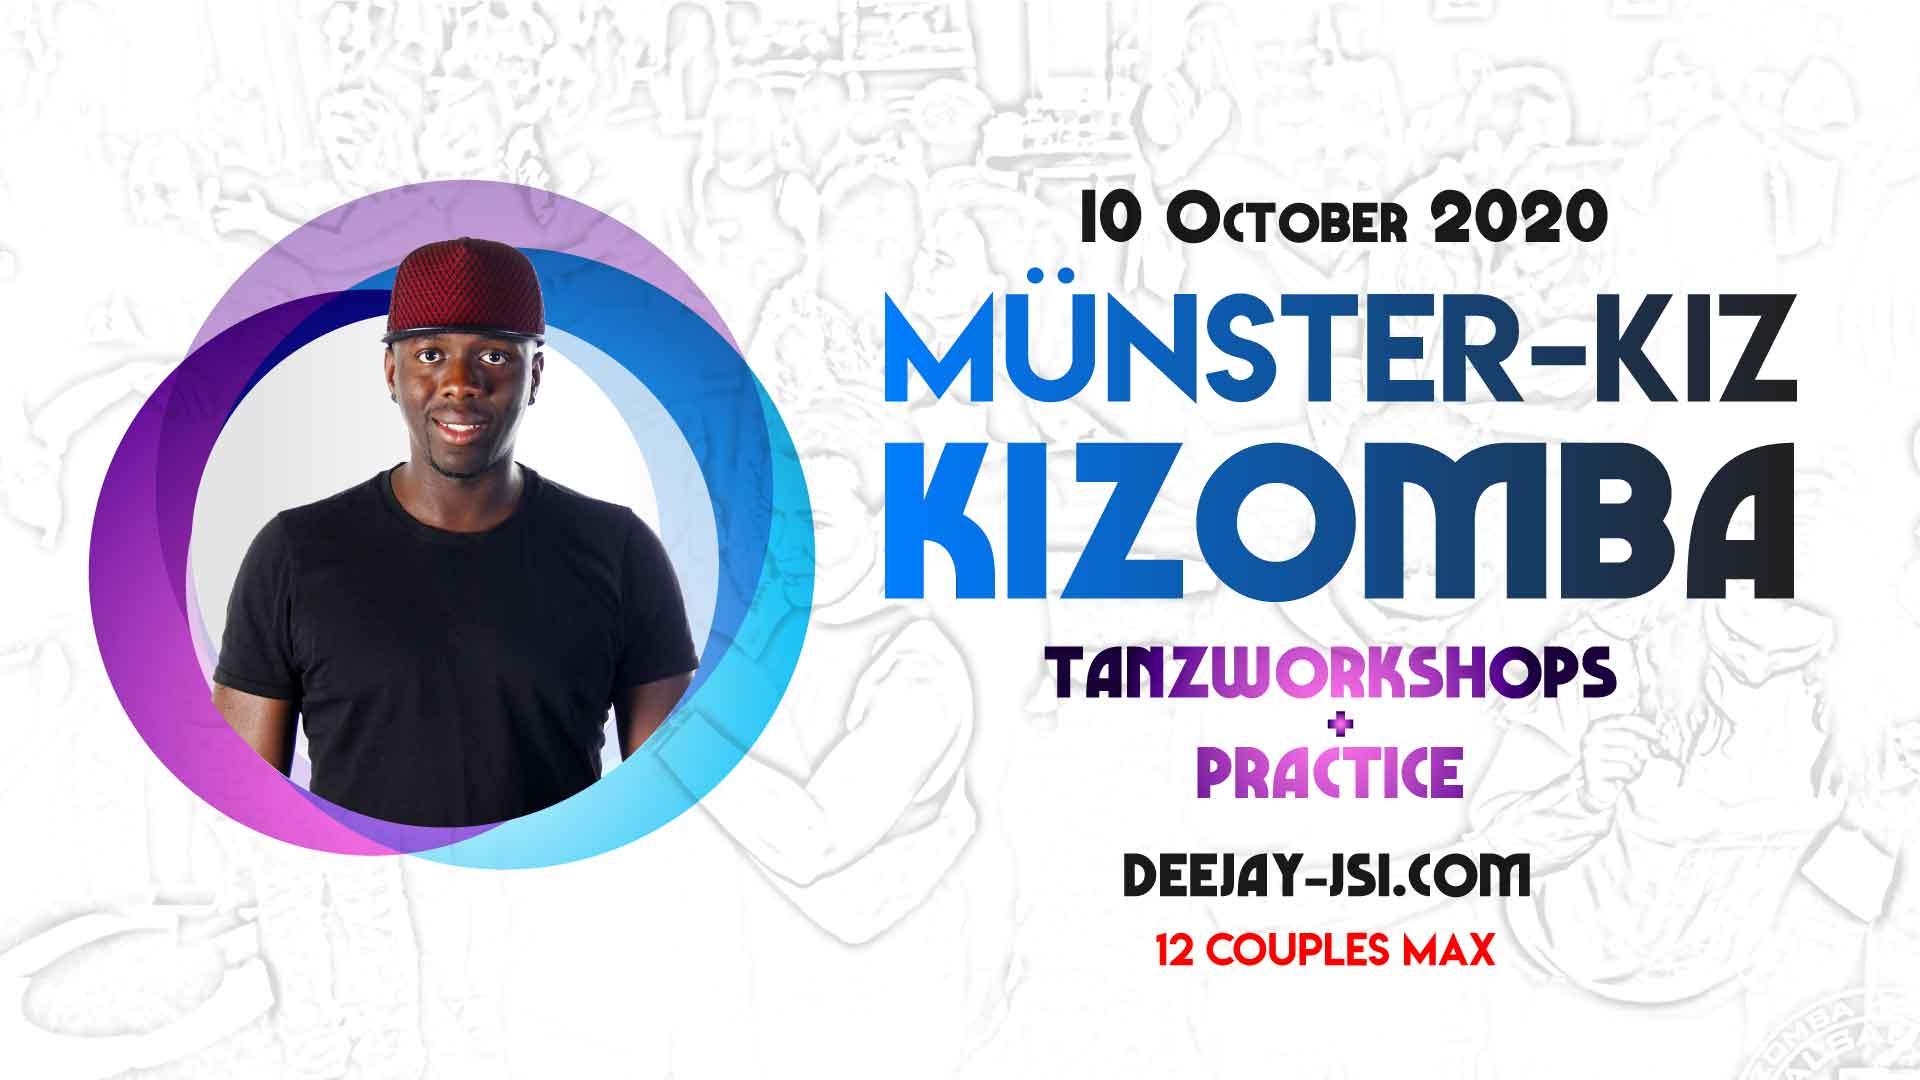 munster-kizomba-urbankiz-tanzworkshop-practice-10-october-shervin